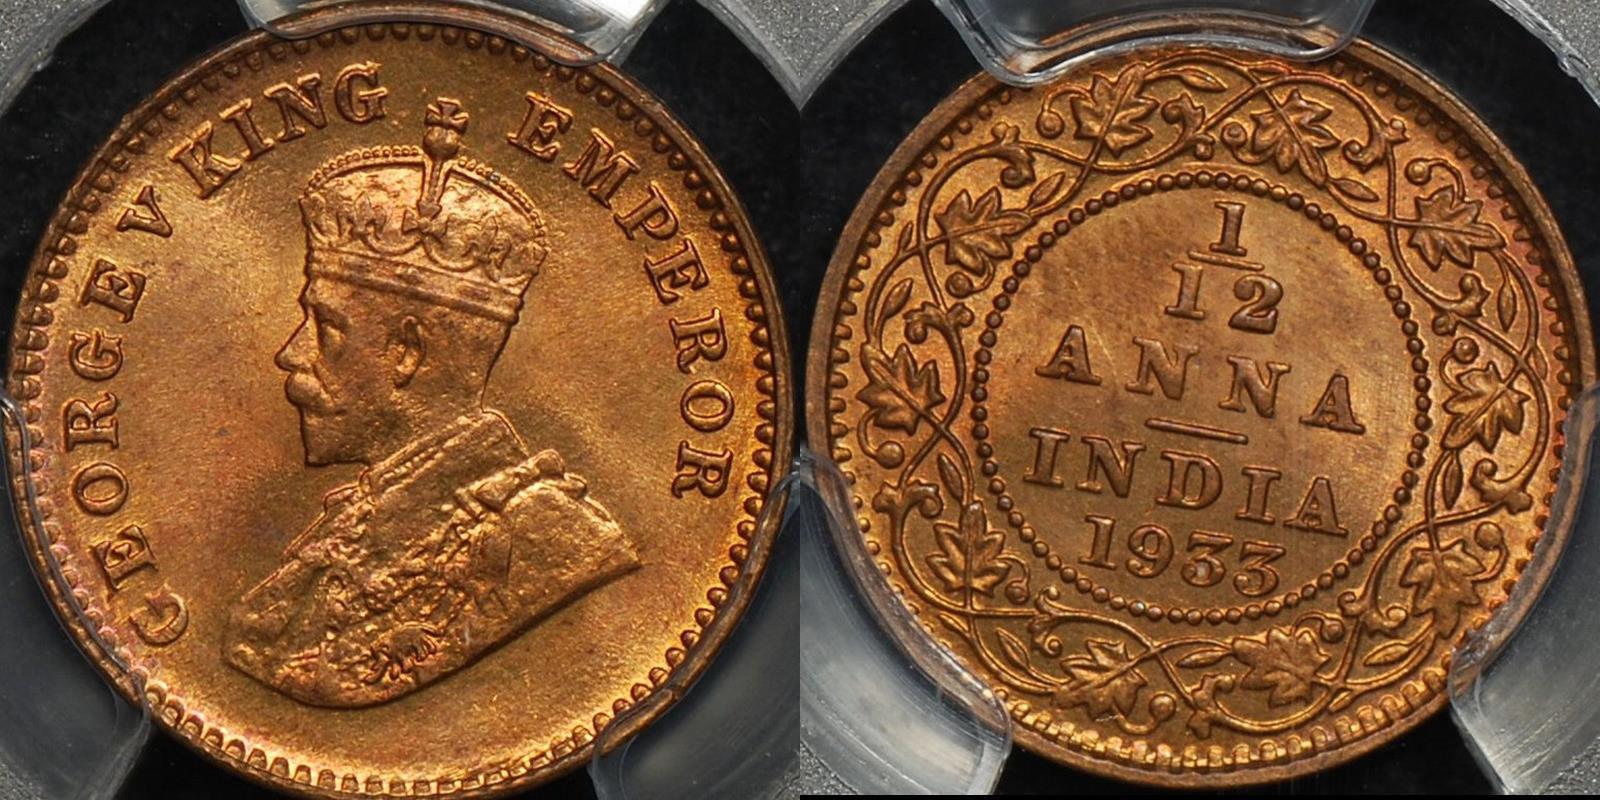 India british 1933c 1 12 anna (1 pie) km 509 PCGS MS65rb GEM Uncirculated